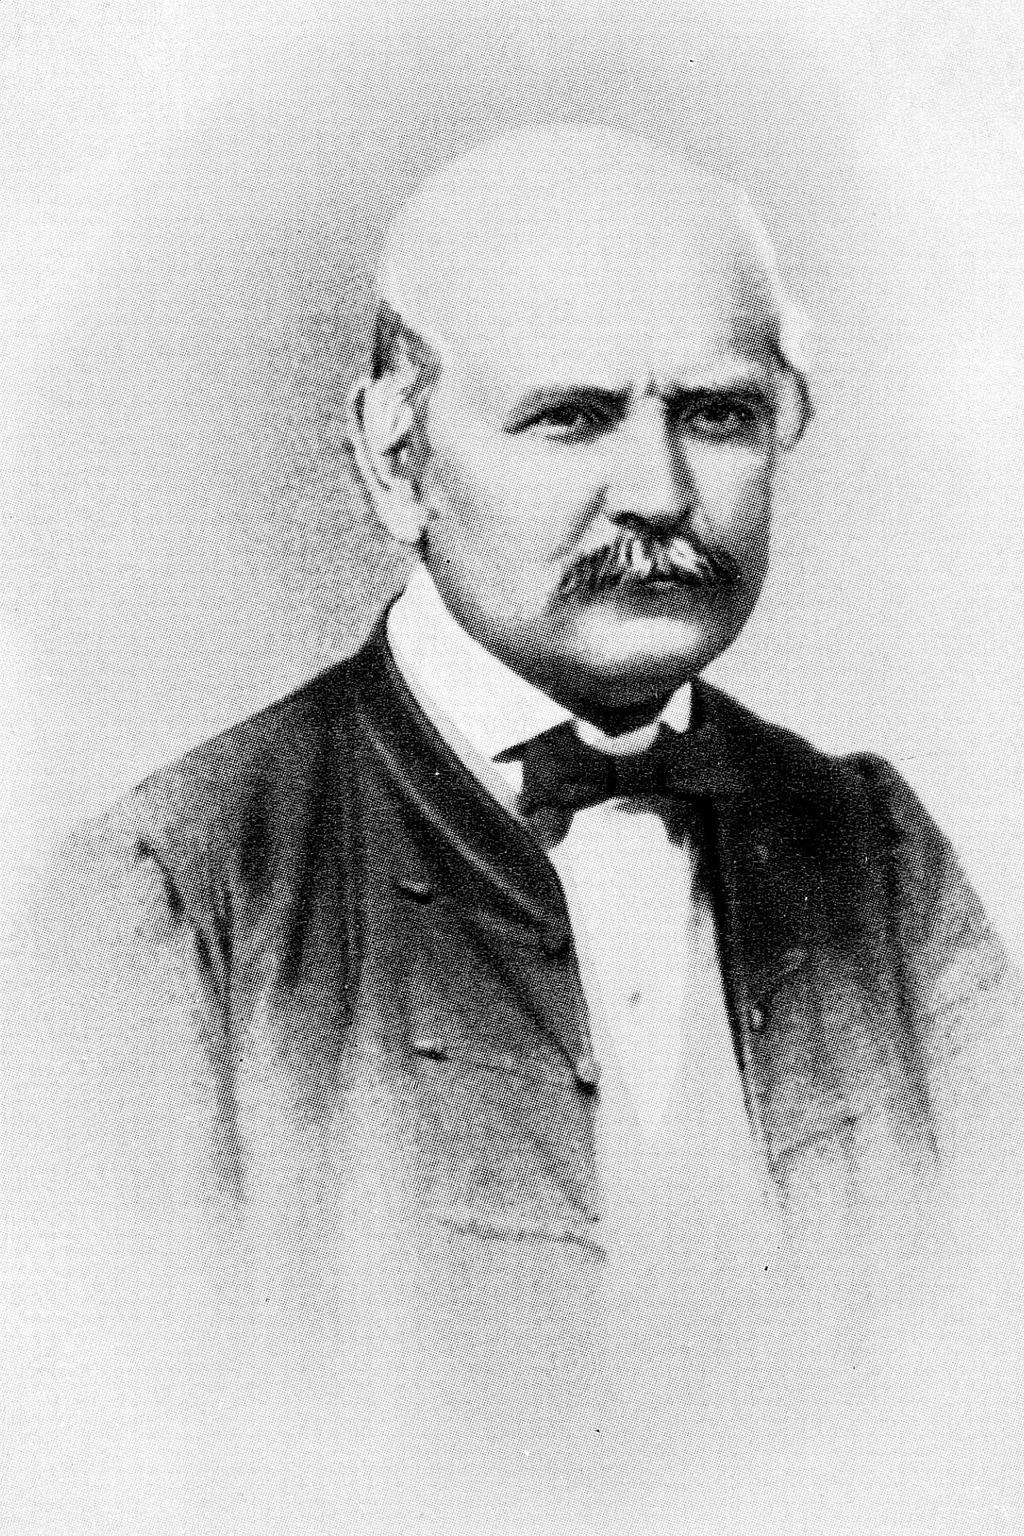 Magyarország, 1861.  1861-ben készült felvétel Semmelweis Ignác Fülöp szülészorvosról. A felvétel készítésének pontos helyszíne és dátuma ismeretlen. MTI Fotó: Reprodukció